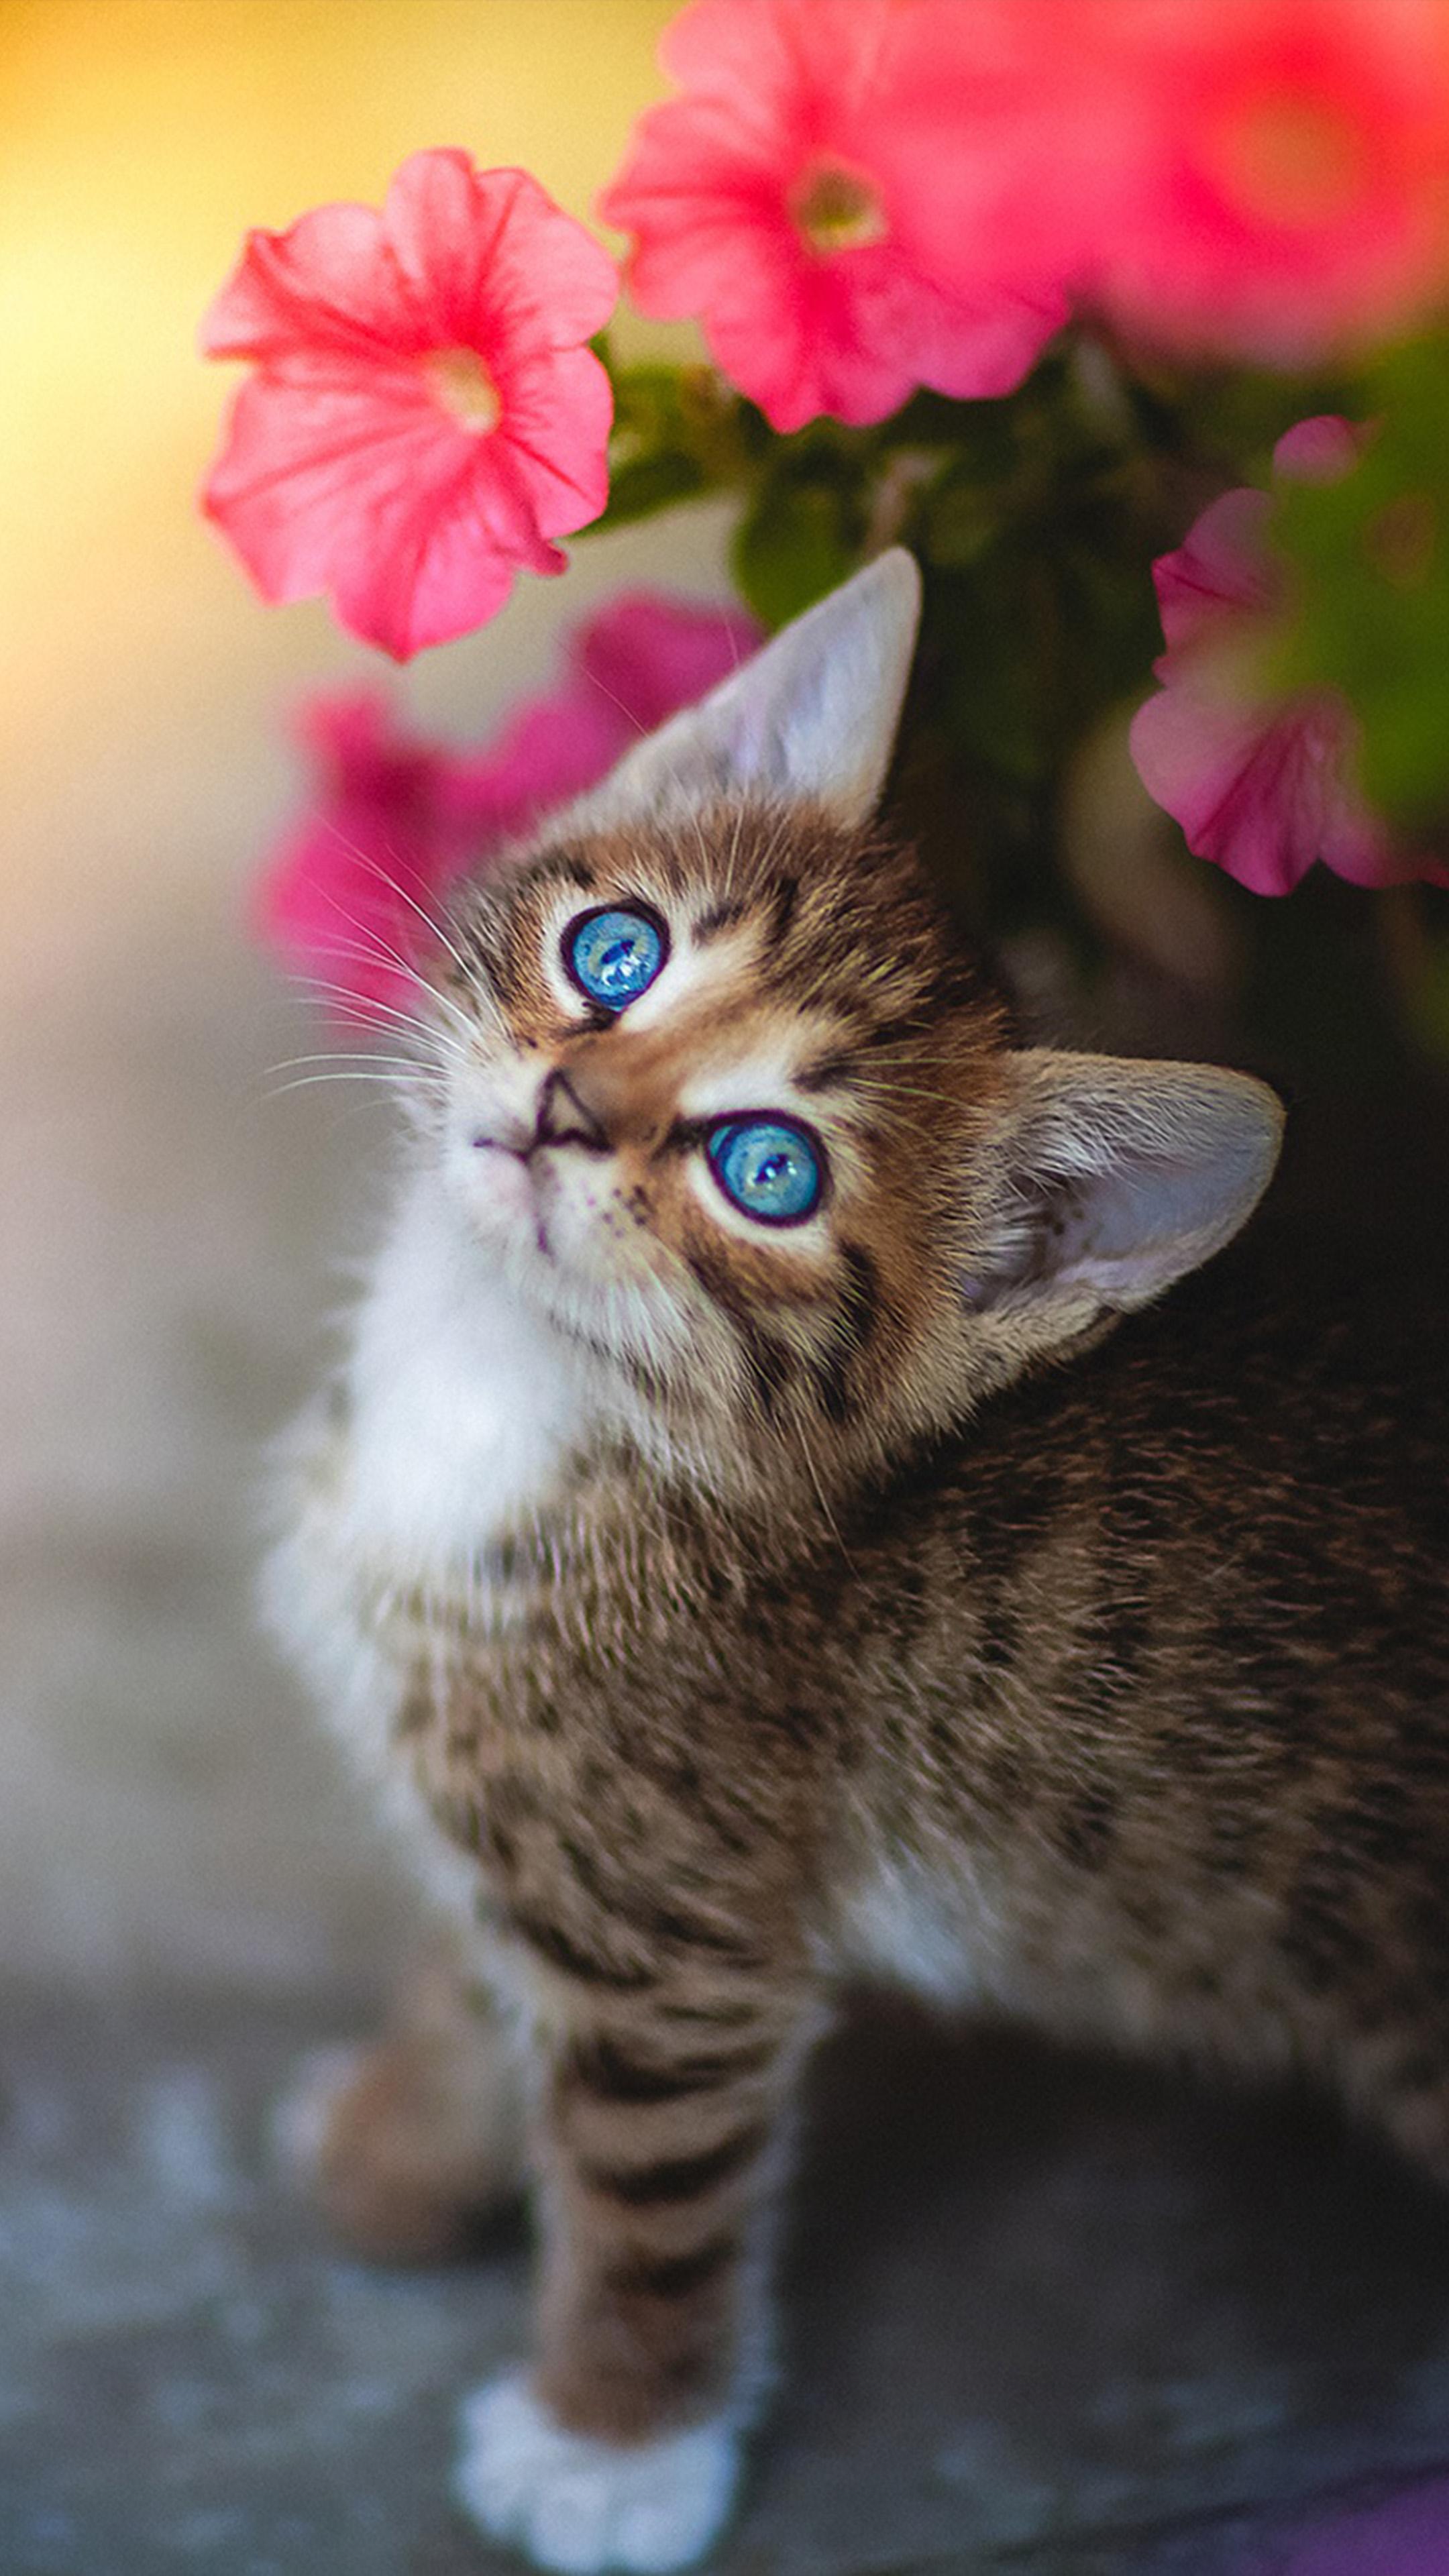 Cute Kitten Blue Eyes Flower 4k Ultra Hd Mobile Wallpaper